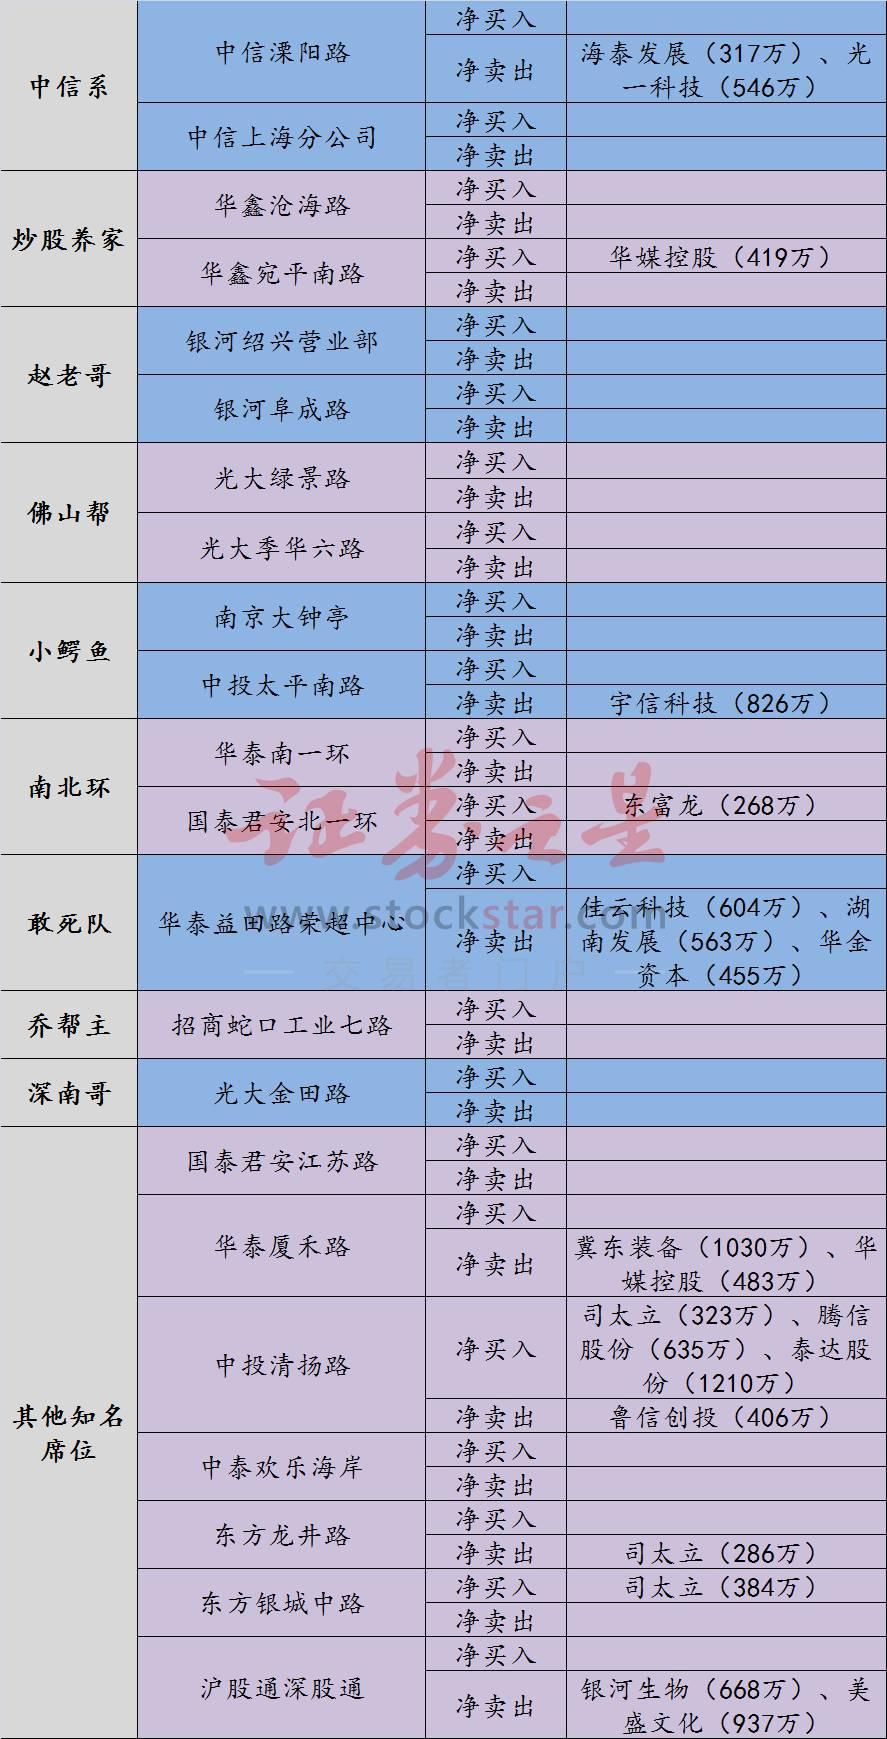 龙虎榜:延安必康四连板温州帮出货机构近五千万入主阳光电源